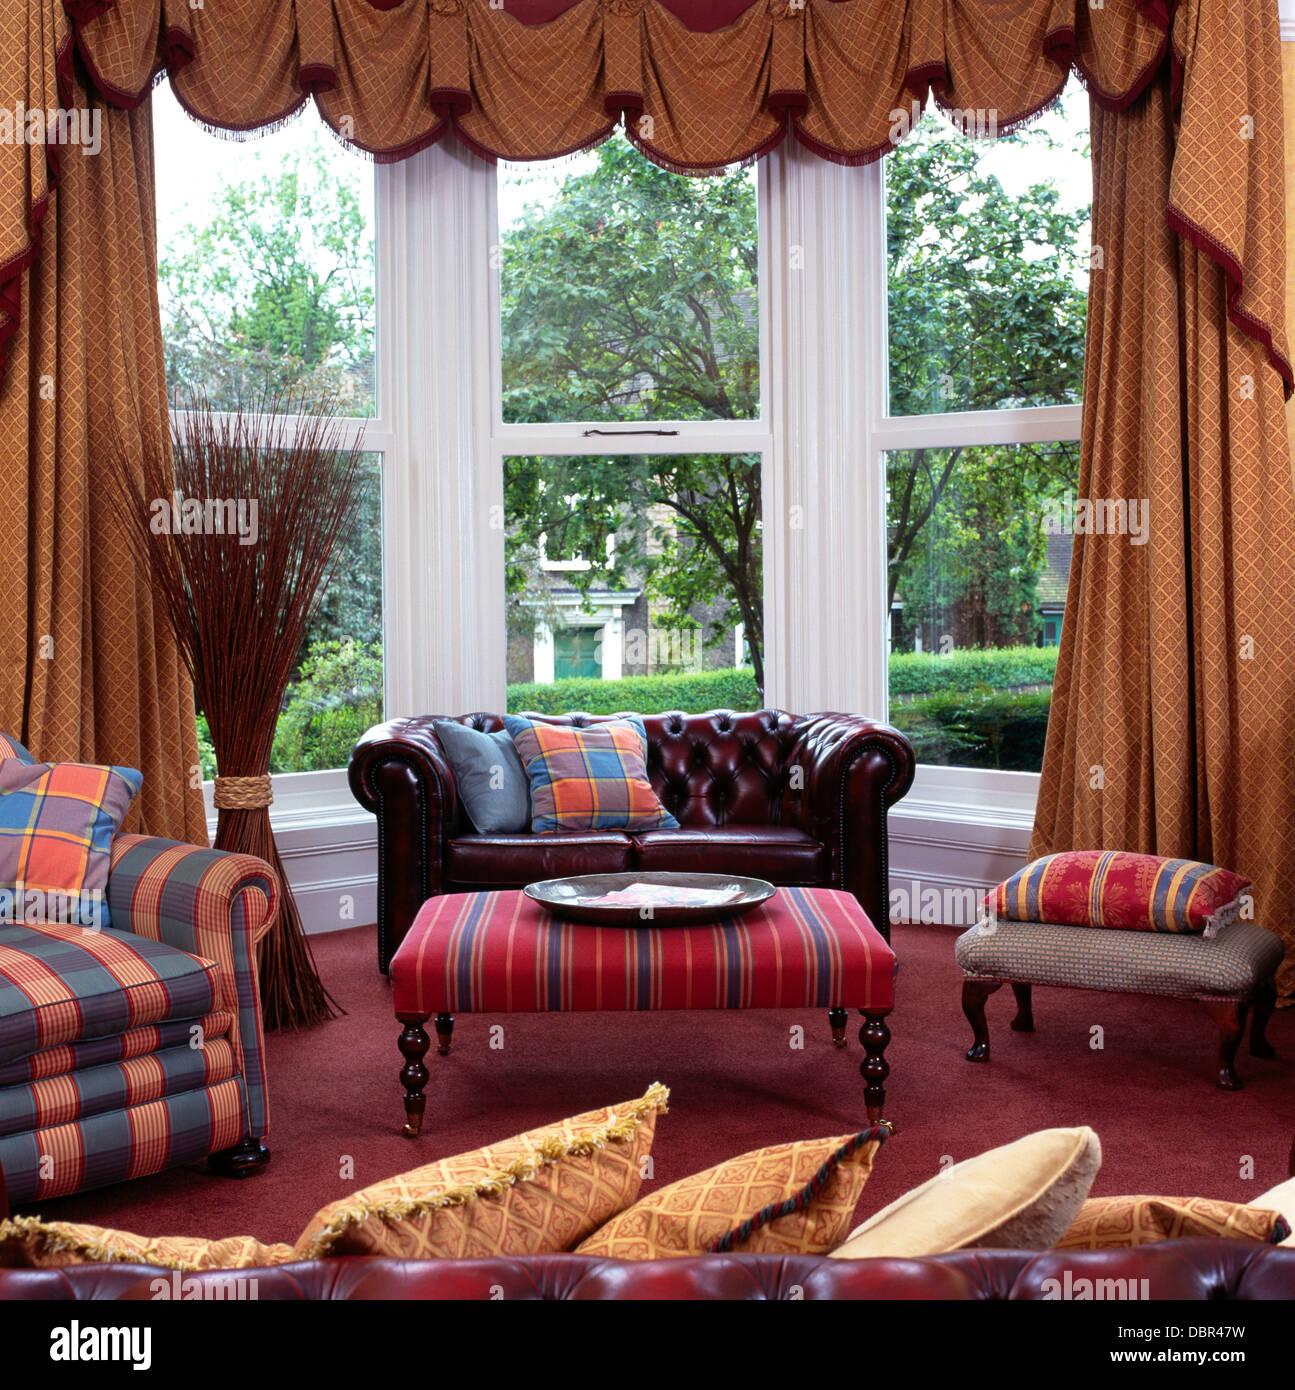 Braun Leder Chesterfield Sofa Im Erker Mit Swagged + Tailed Vorhänge Im  Wohnzimmer Stadthaus